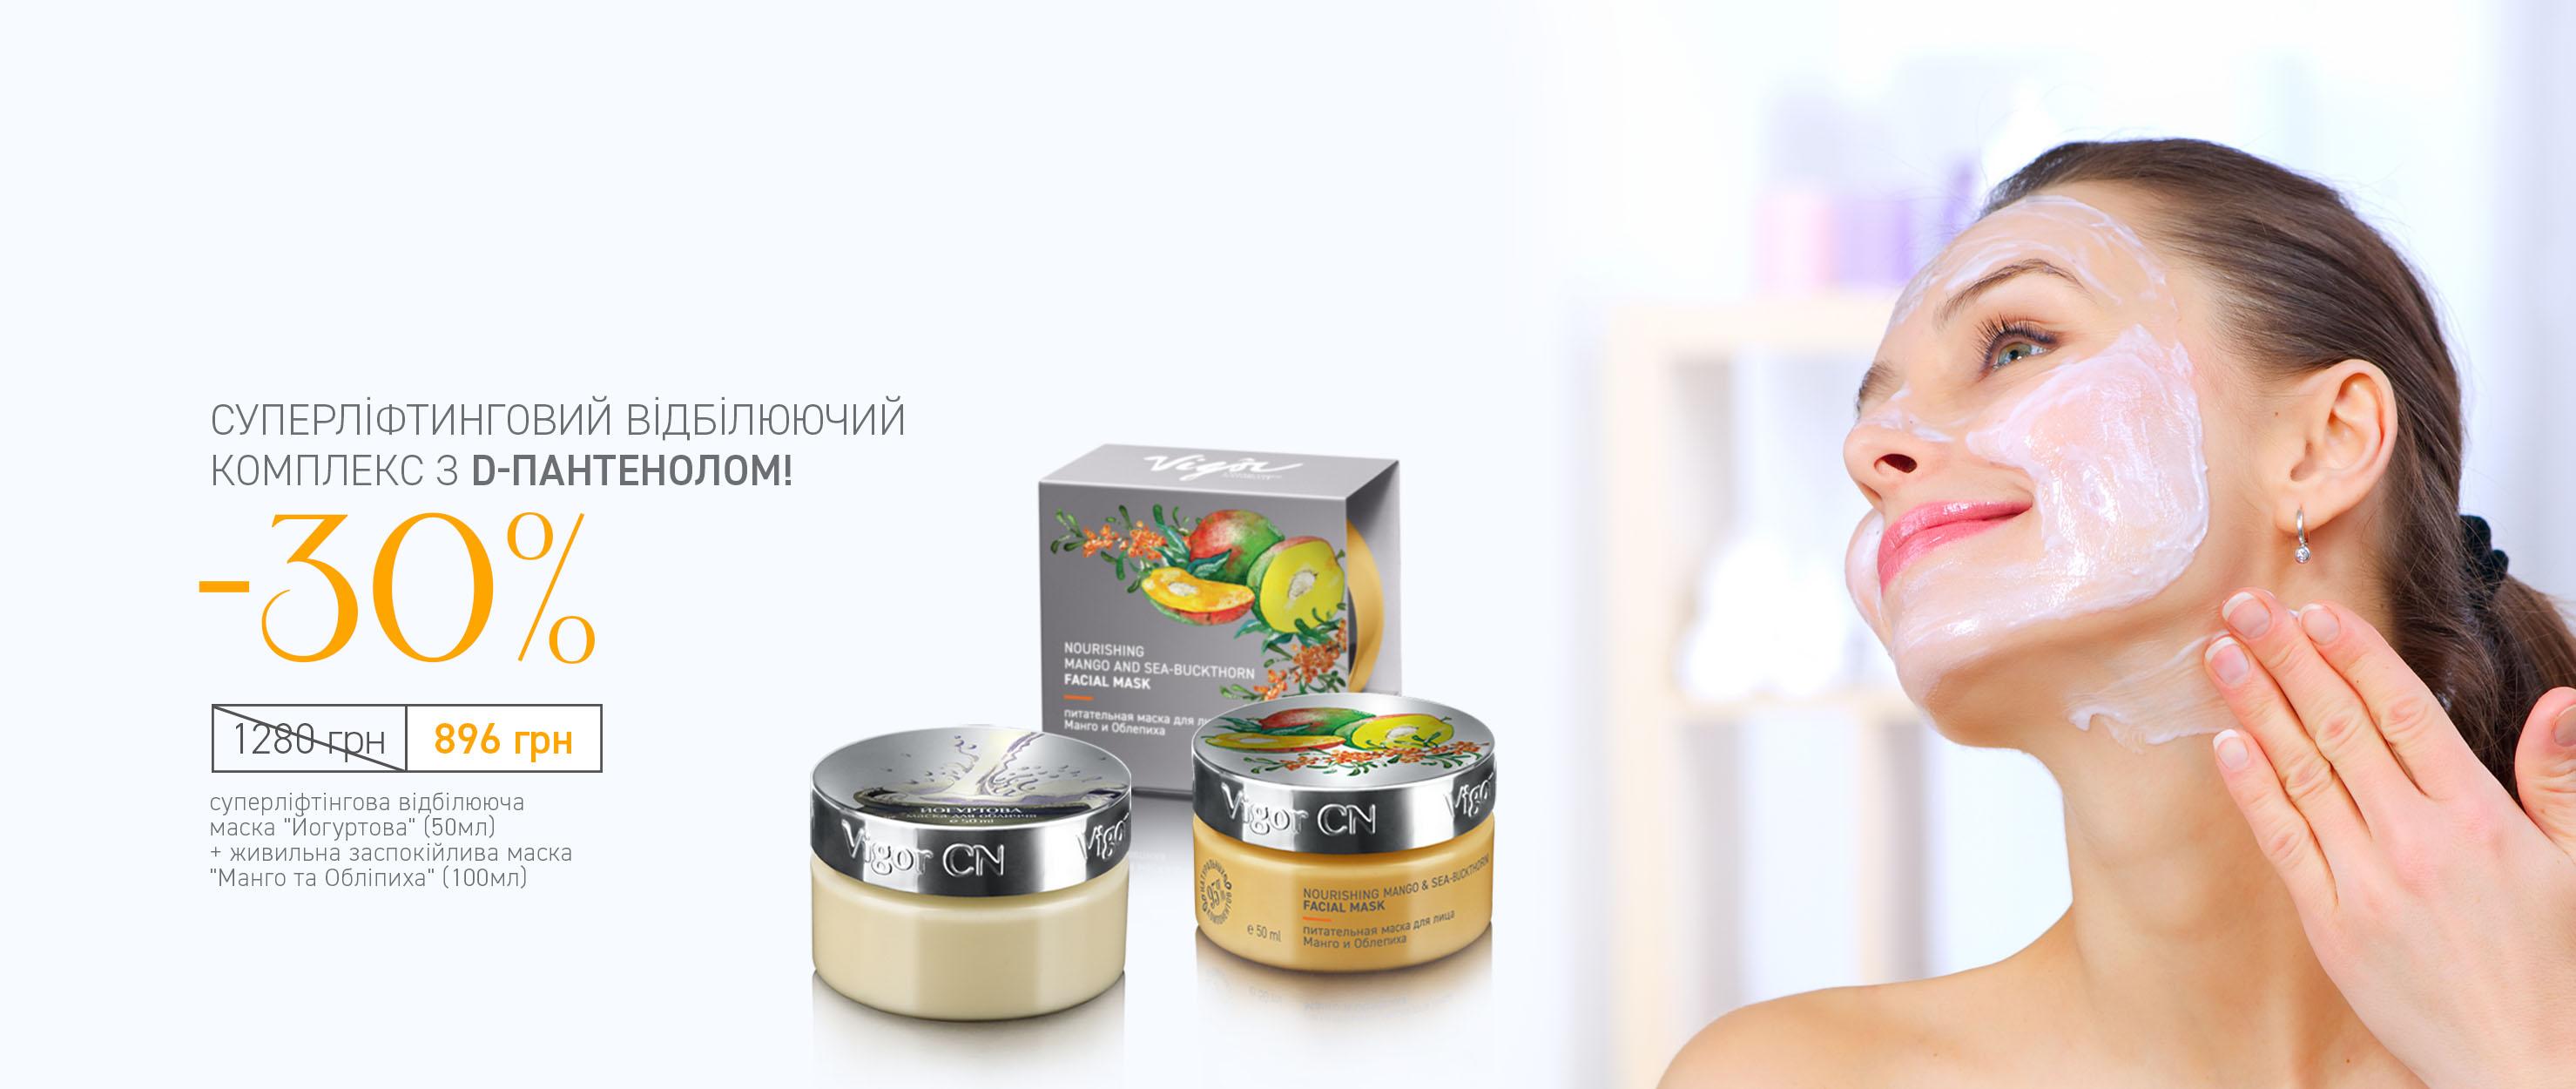 01.07 Йогурт+манго юа